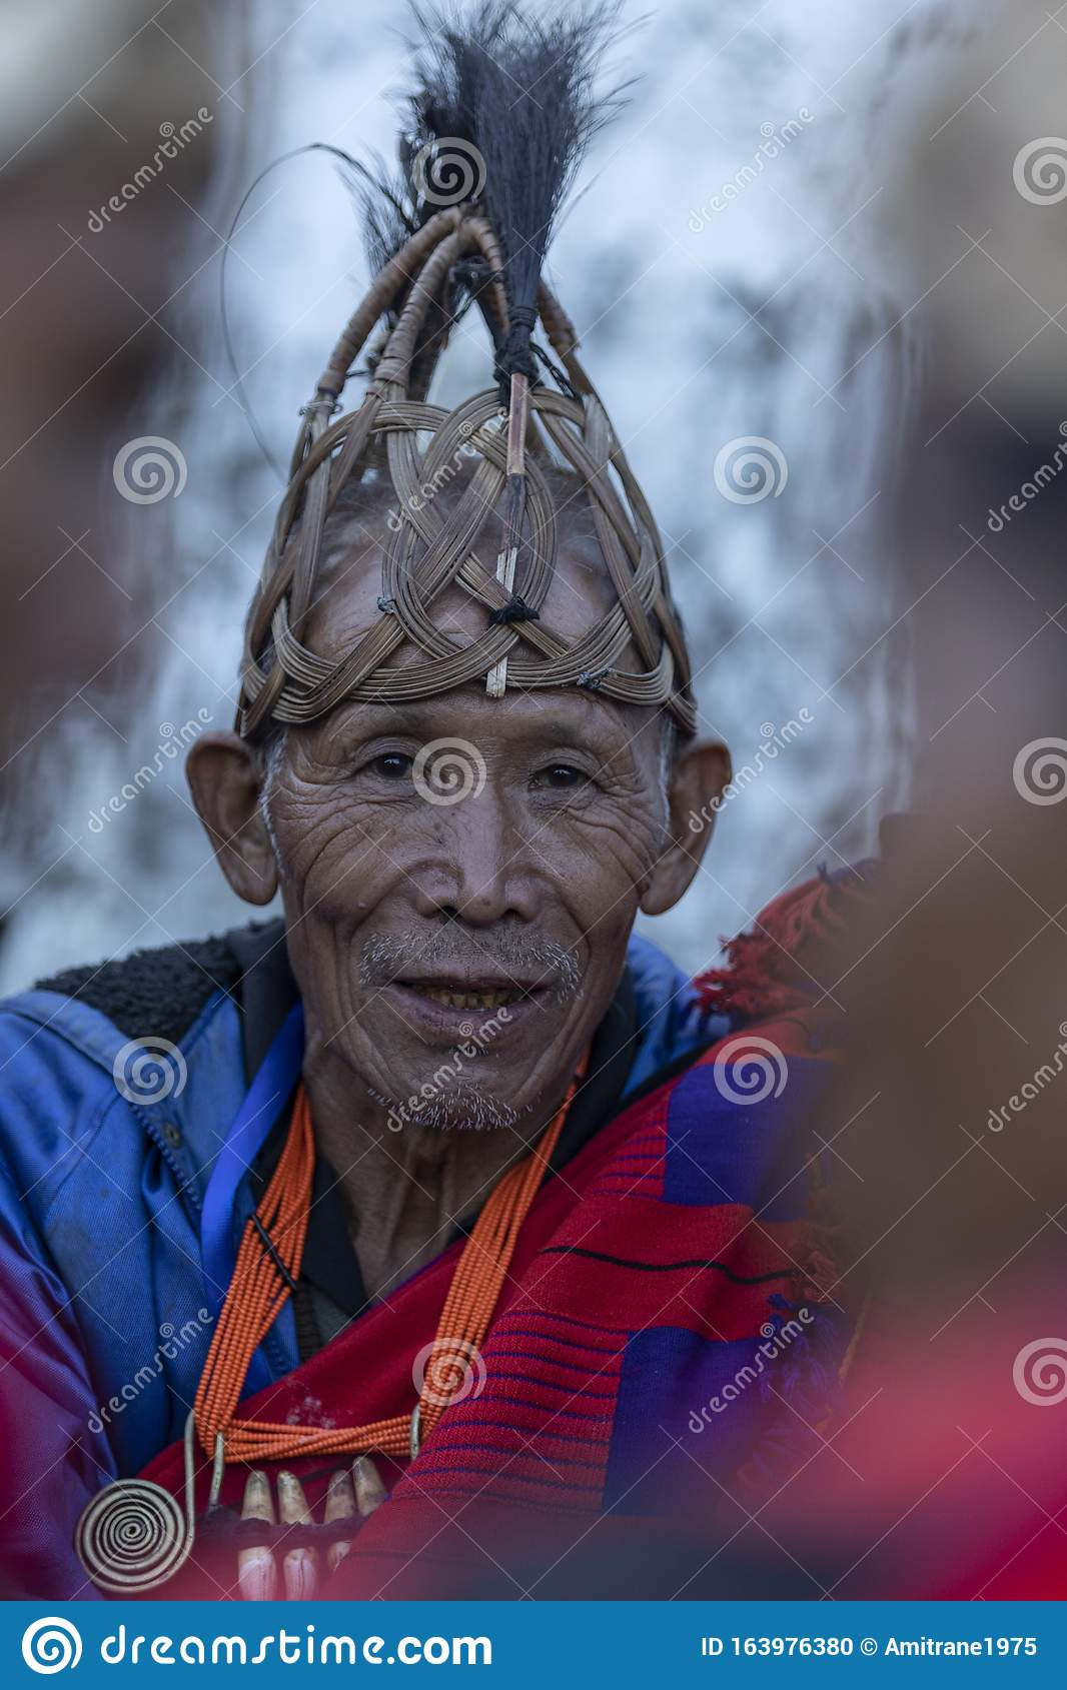 Naga man